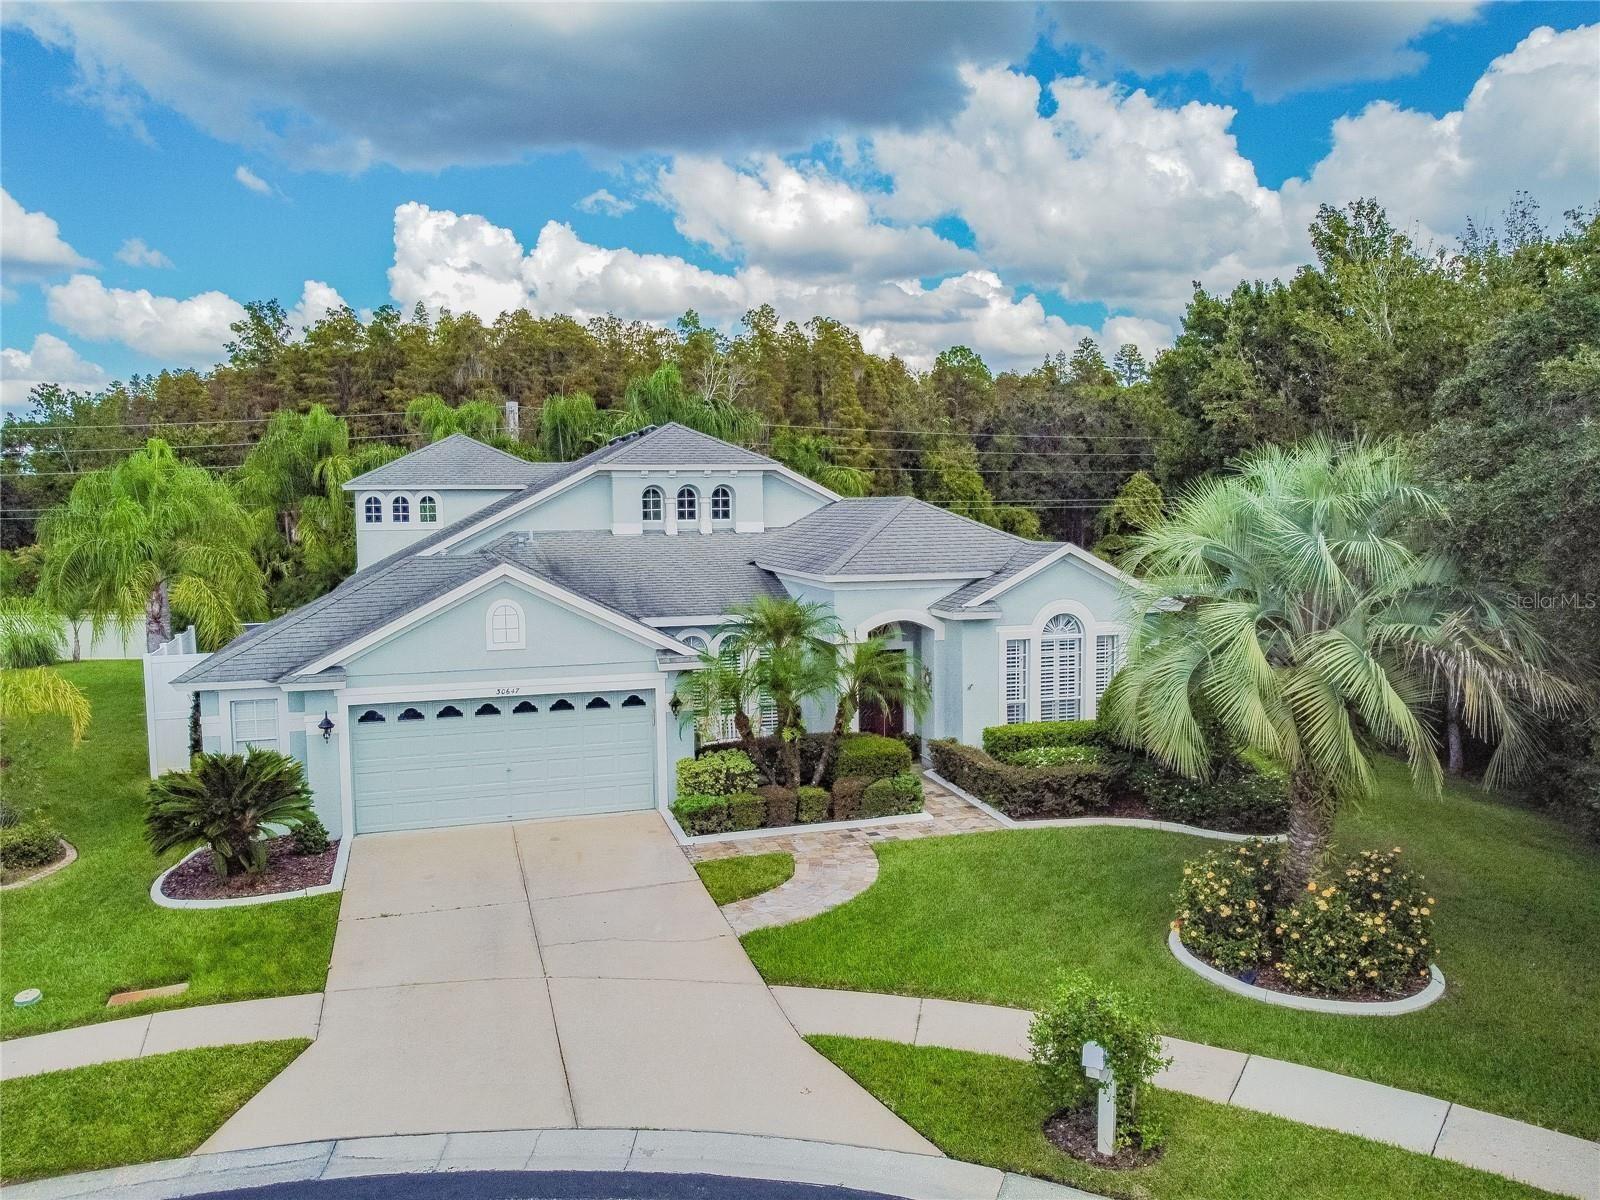 30647 PIERCEFIELD COURT, Wesley Chapel, FL 33543 - MLS#: T3334249